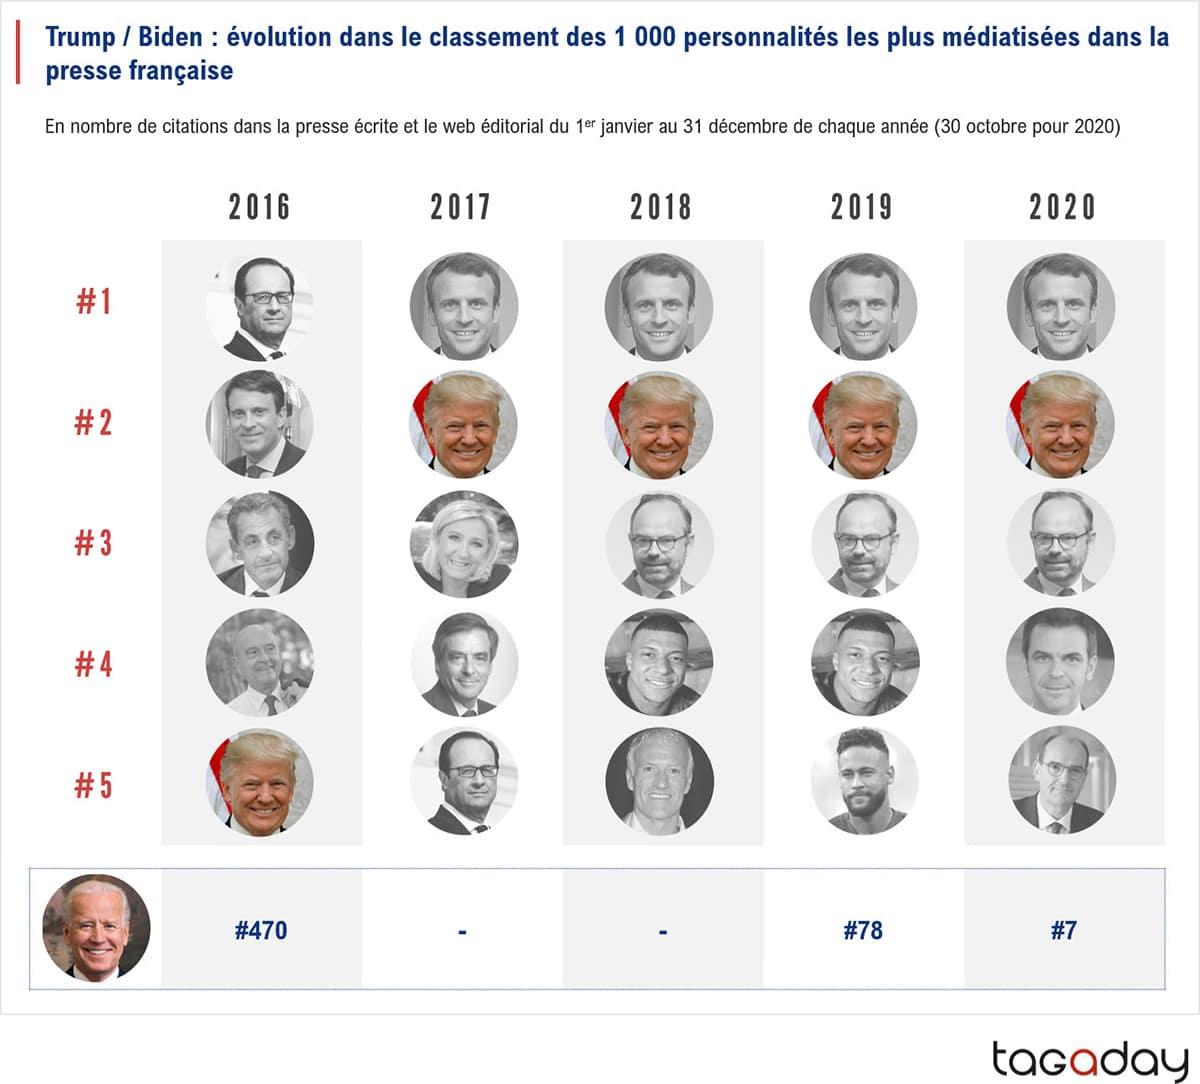 Trump Biden : évolution dans le classement des 1000 personnalités les plus médiatisées